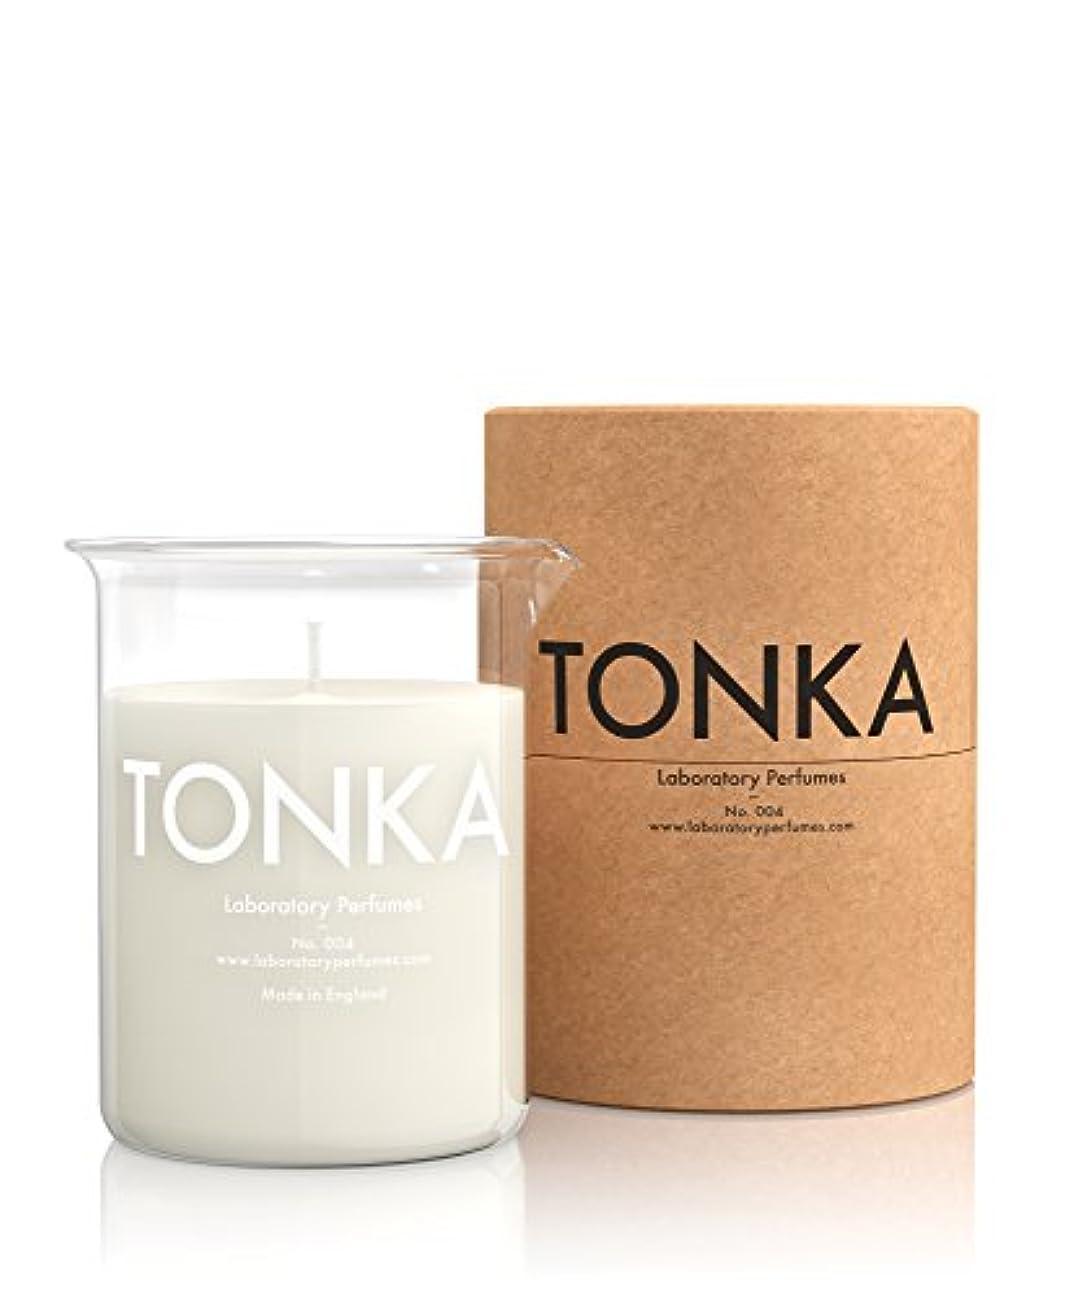 相互サーマル小屋Labortory Perfumes キャンドル トンカ Tonka (アロマティックオリエンタル Aromatic Oriental) Candle ラボラトリー パフューム